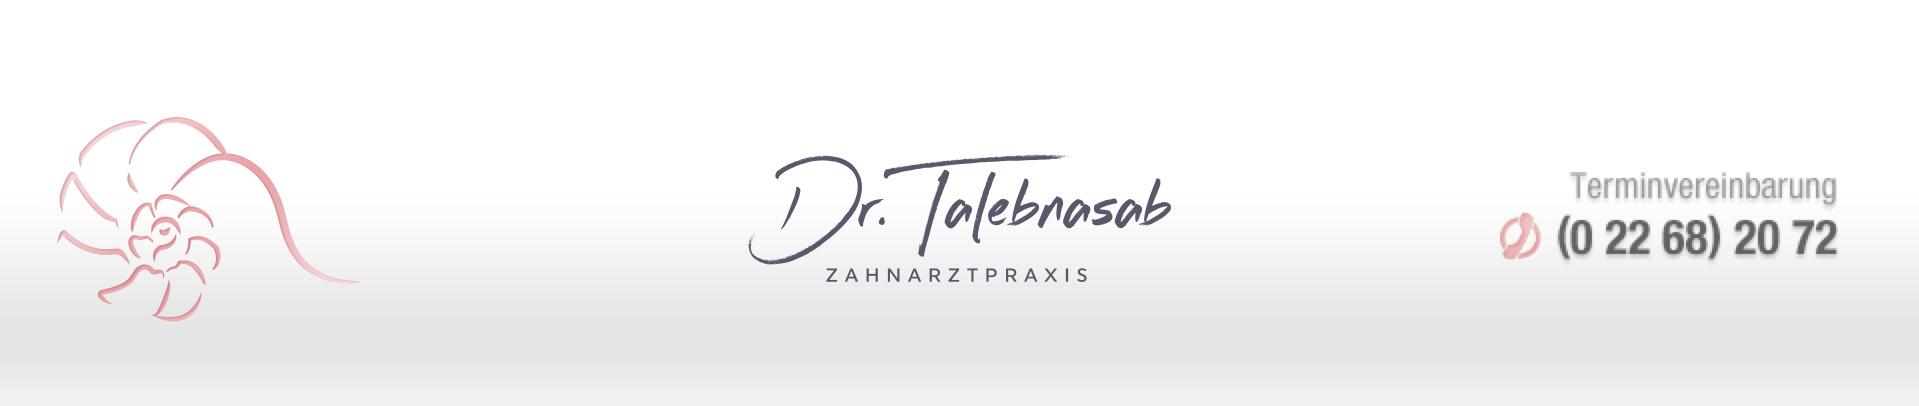 Zahnärzte Kürten Gemeinschaftspraxis Dr. Uellendahl und Dr. Talebnasab